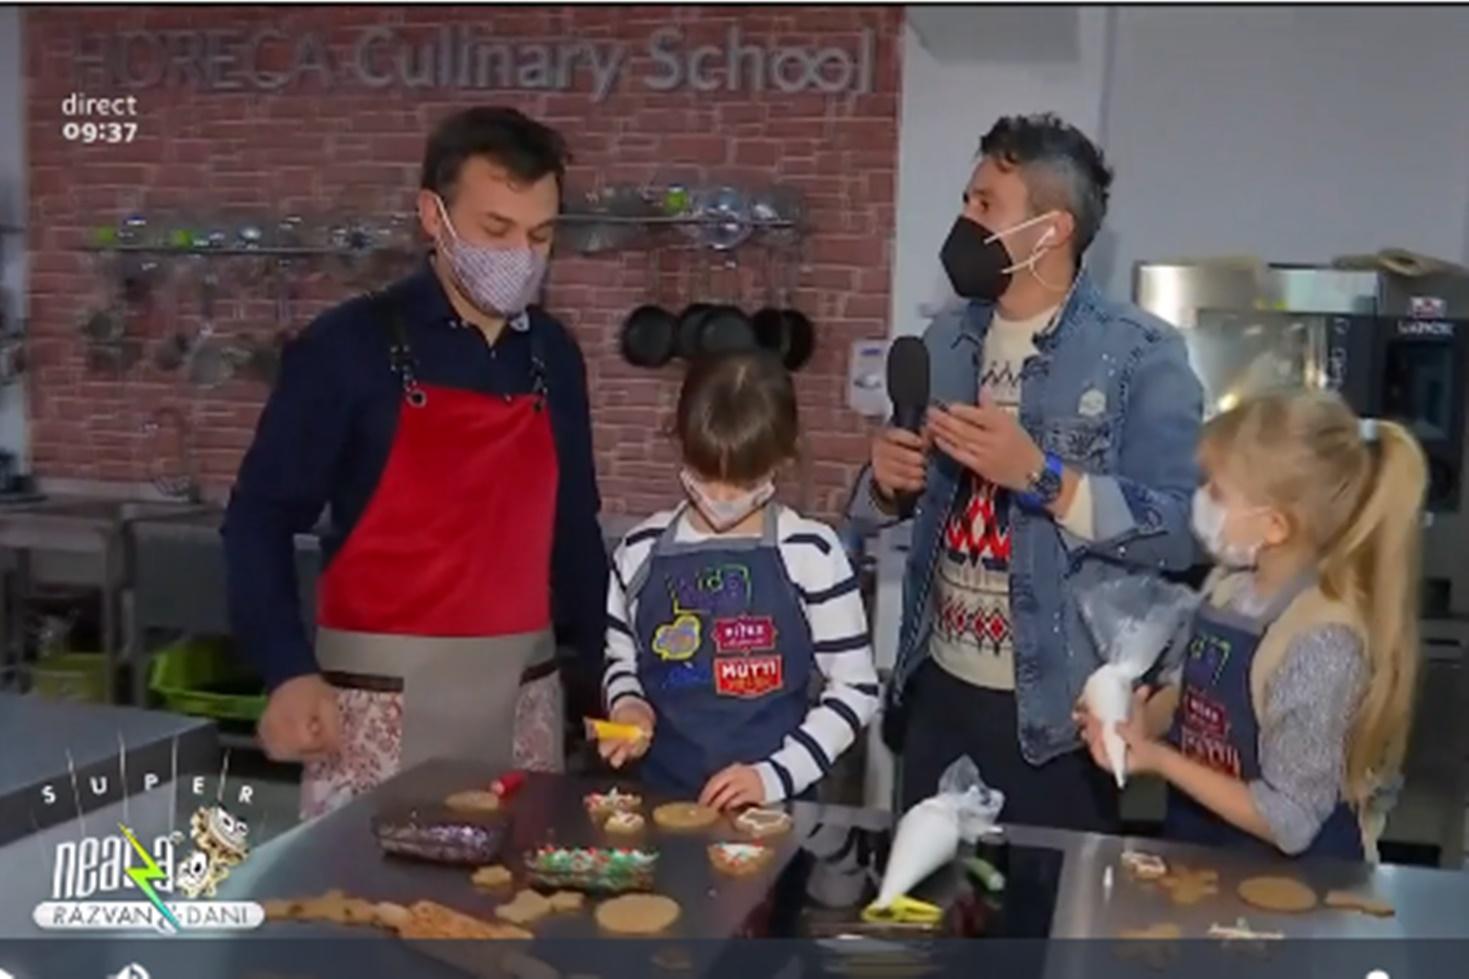 Învățăm să facem turtă dulce în casă cu Marian Duță la atelierul de turtă dulce